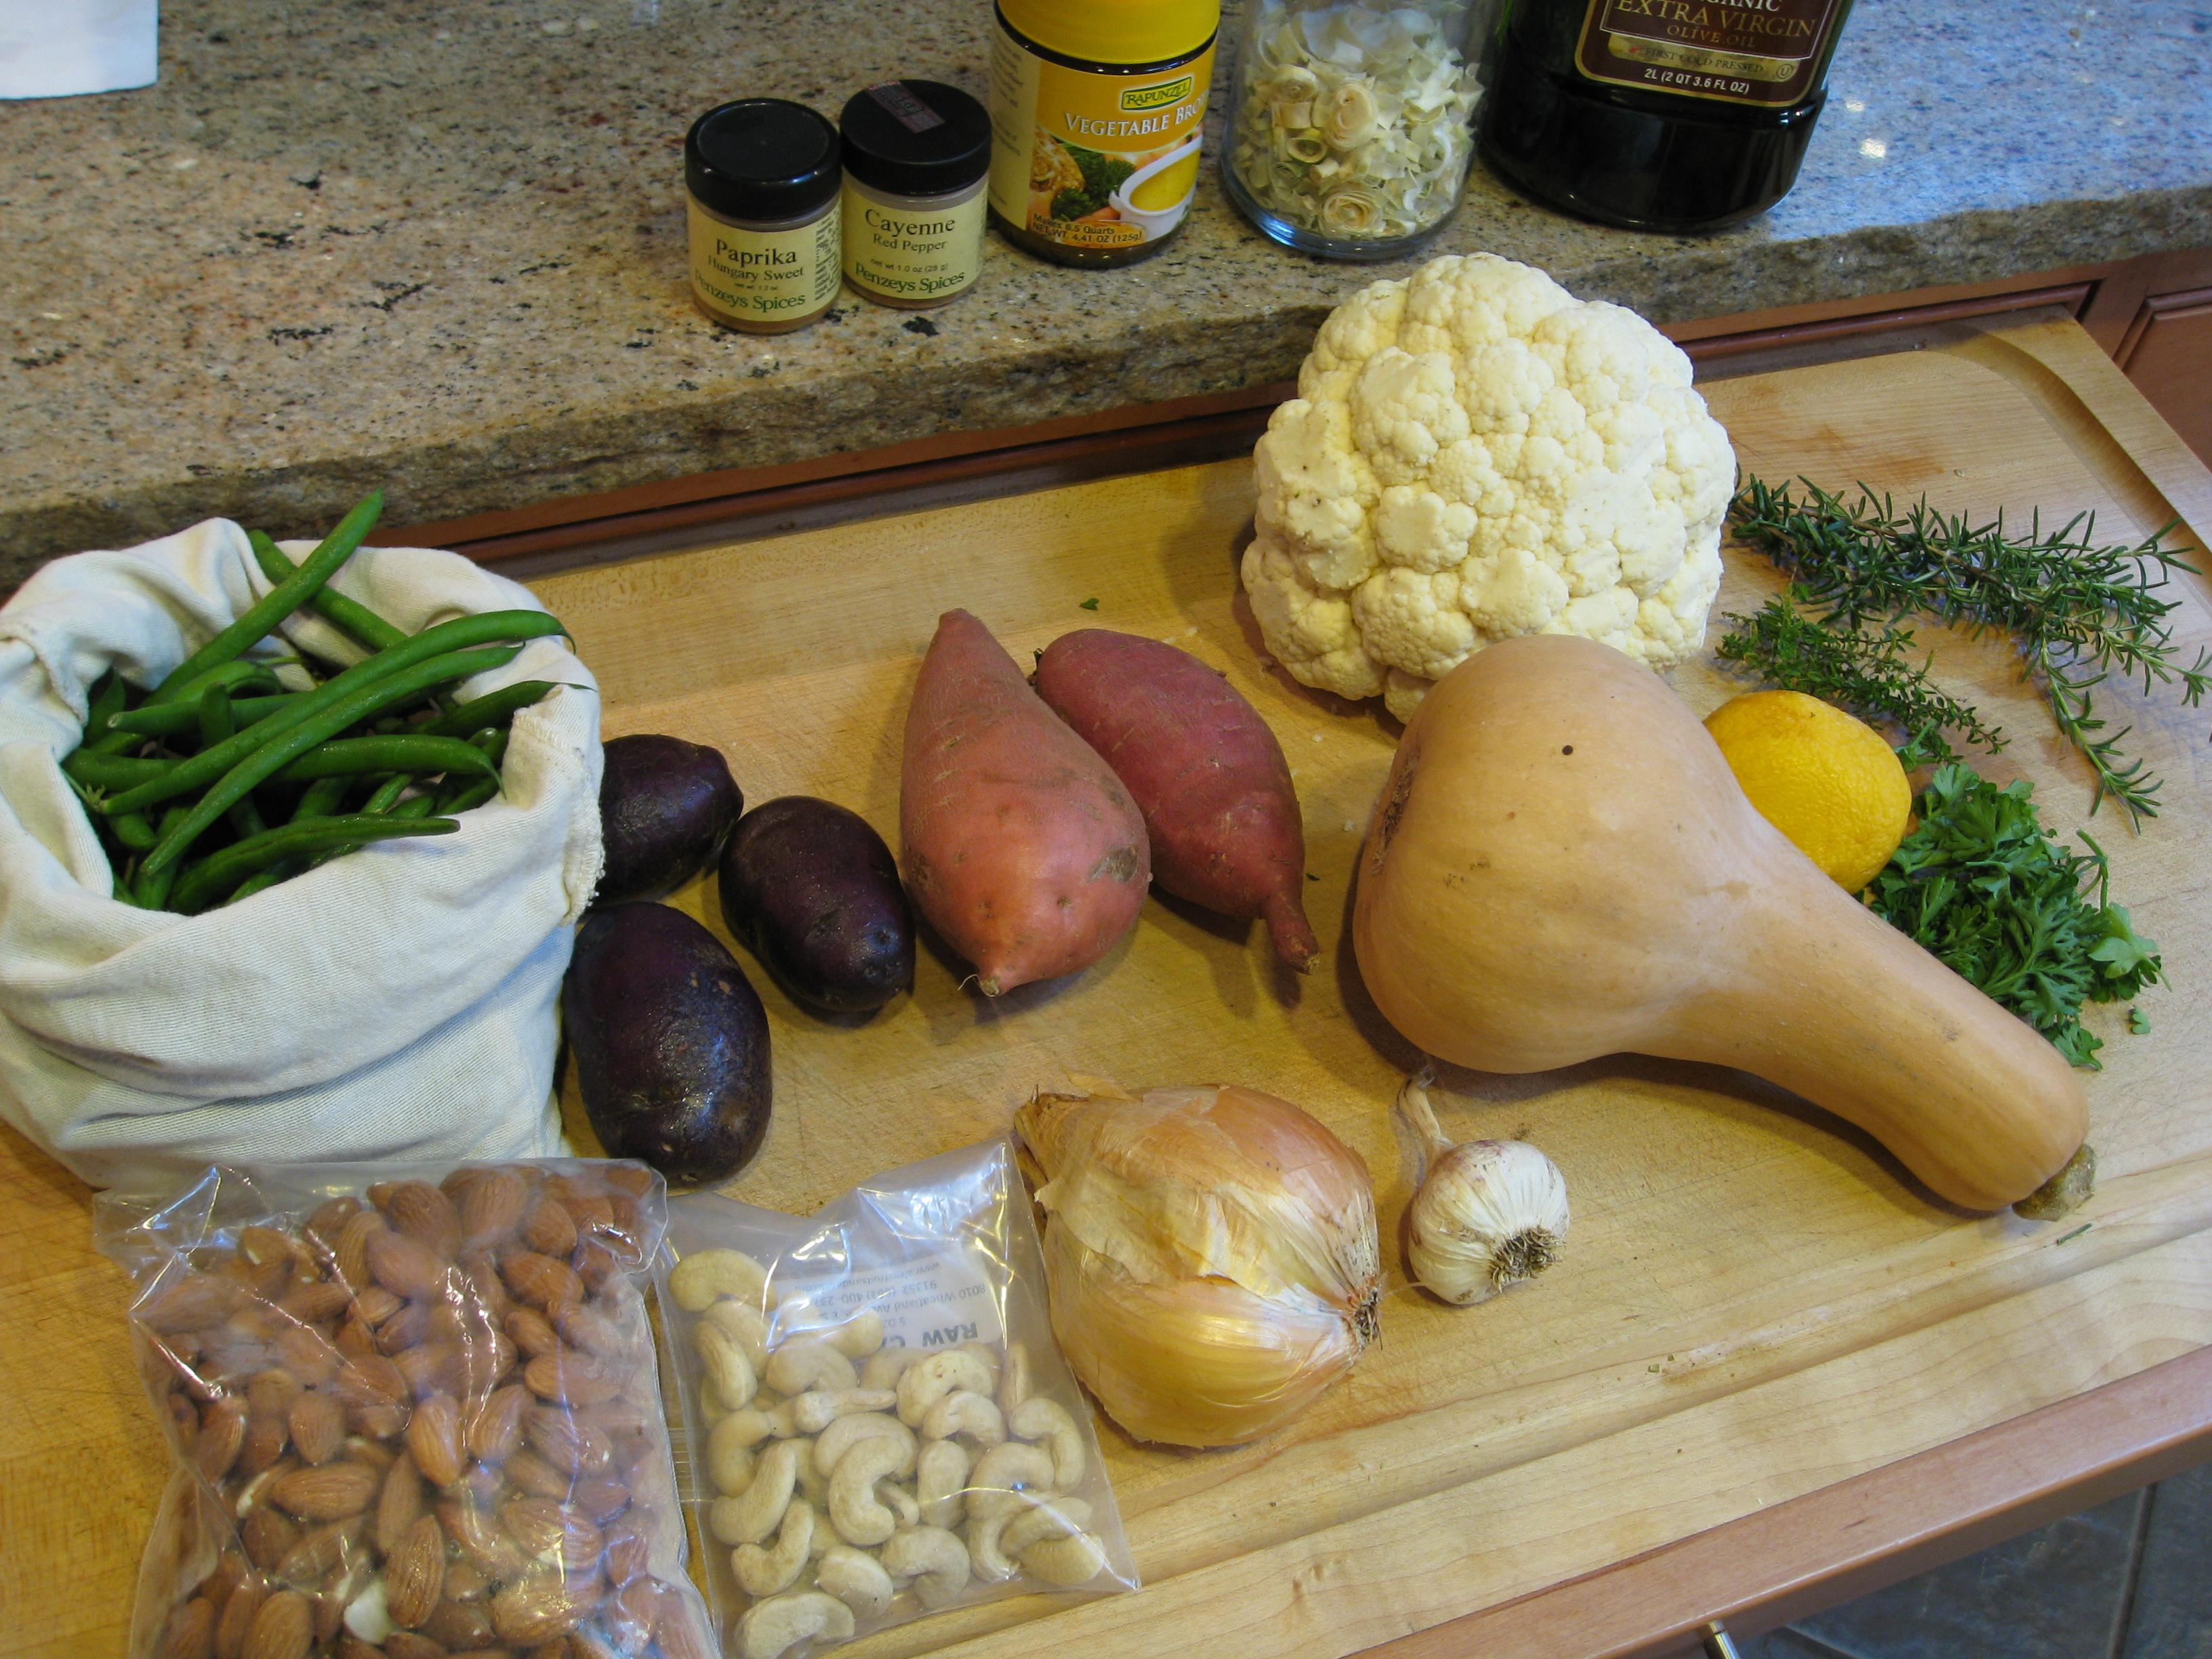 Veggie bake ingredients